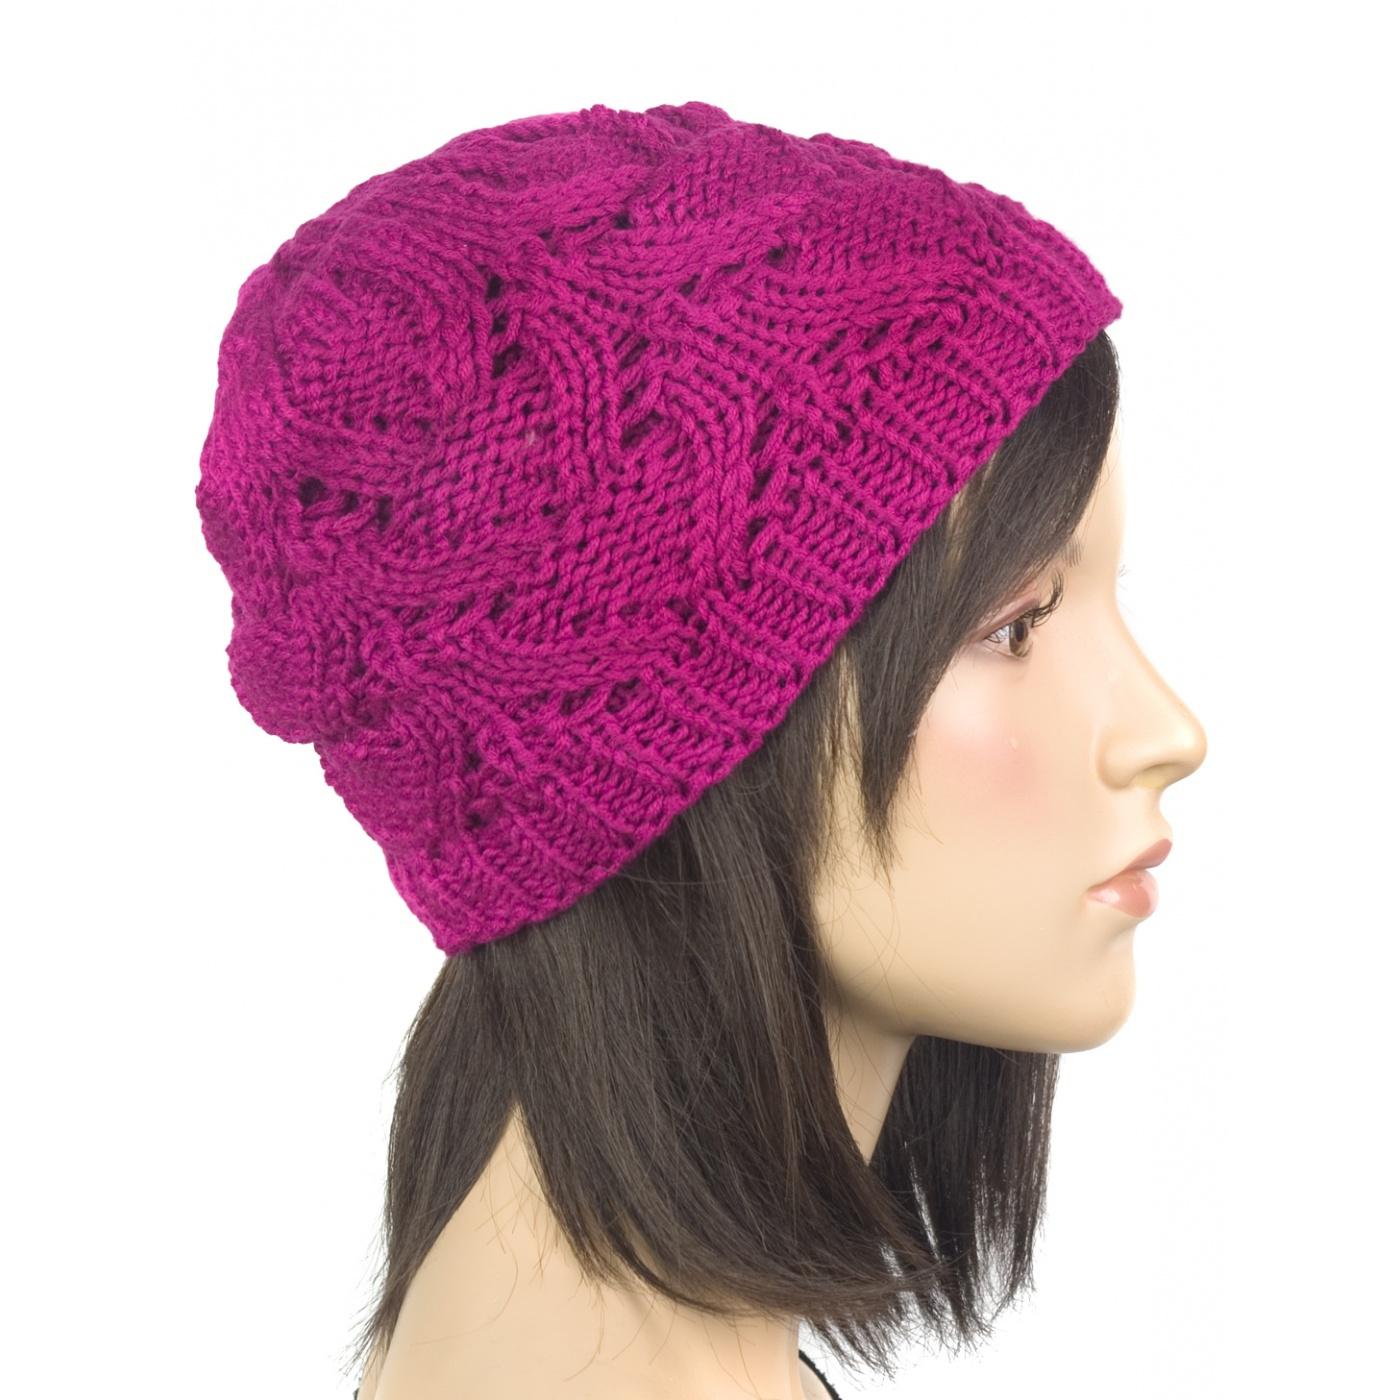 Klasyczna zimowa czapka damska z ażurowym splotem: amarantowa